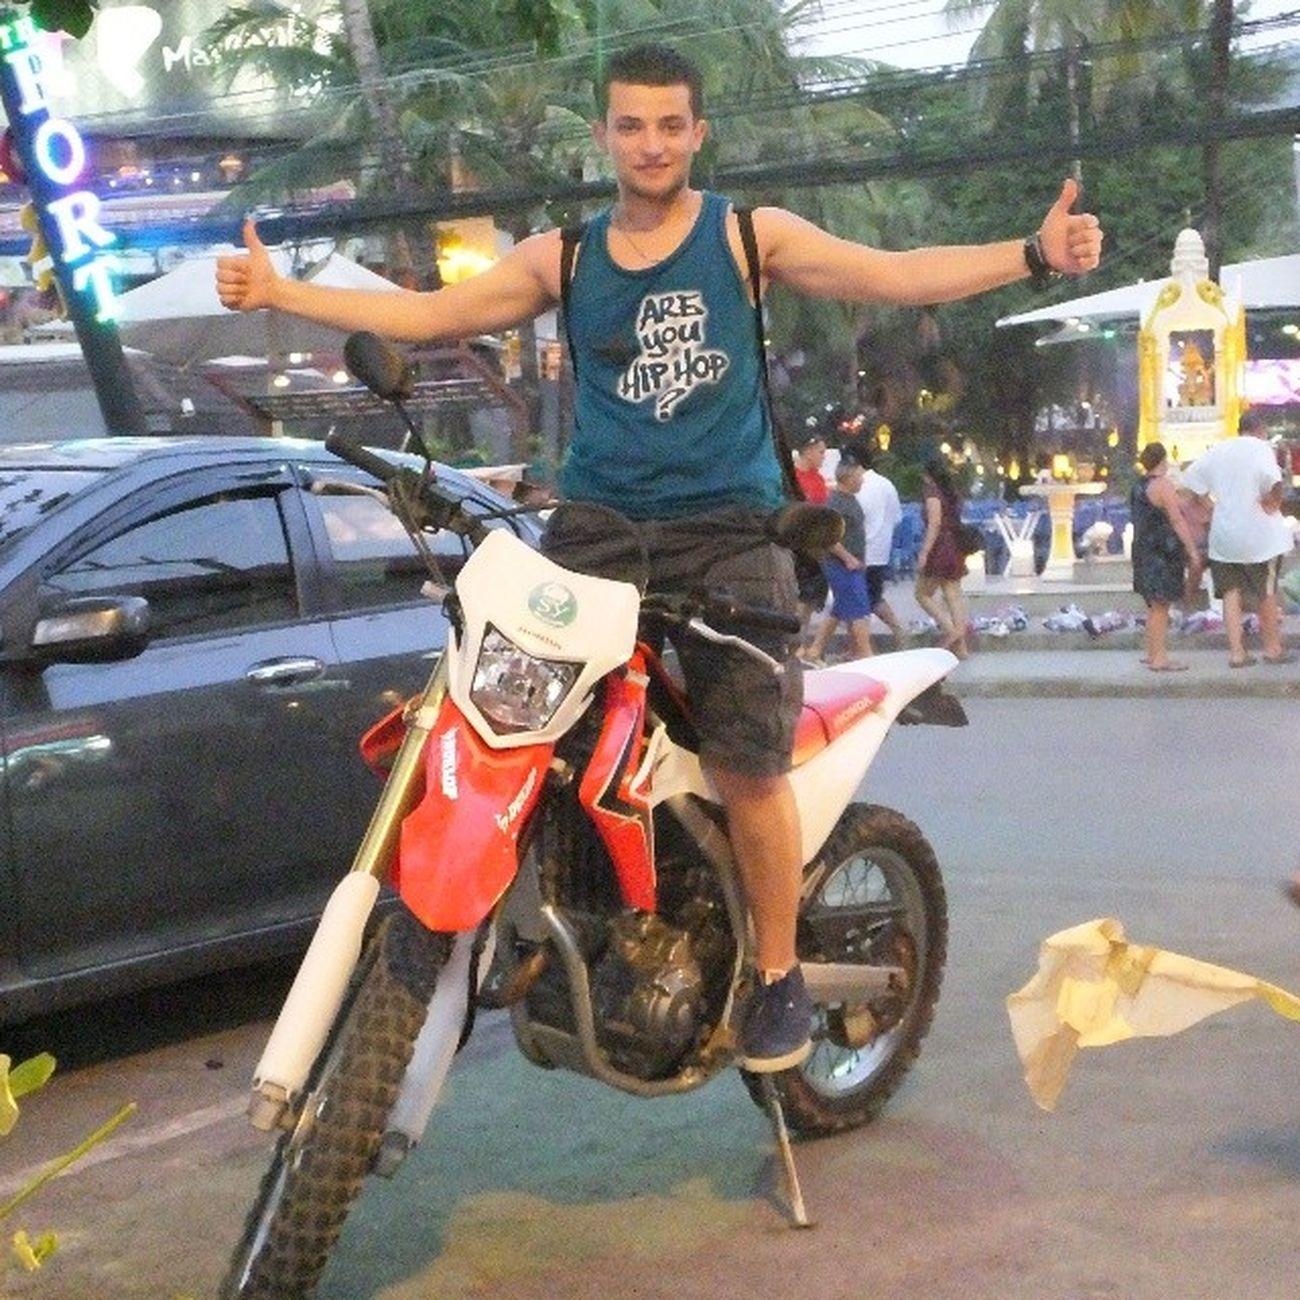 Rented Motorbike Honda CRF 250cc On Patong Beach Phuket Braap  Thailaind Thai Patongbeach phuketstreets nice biker Bikelife nohelmet awsm moment shots